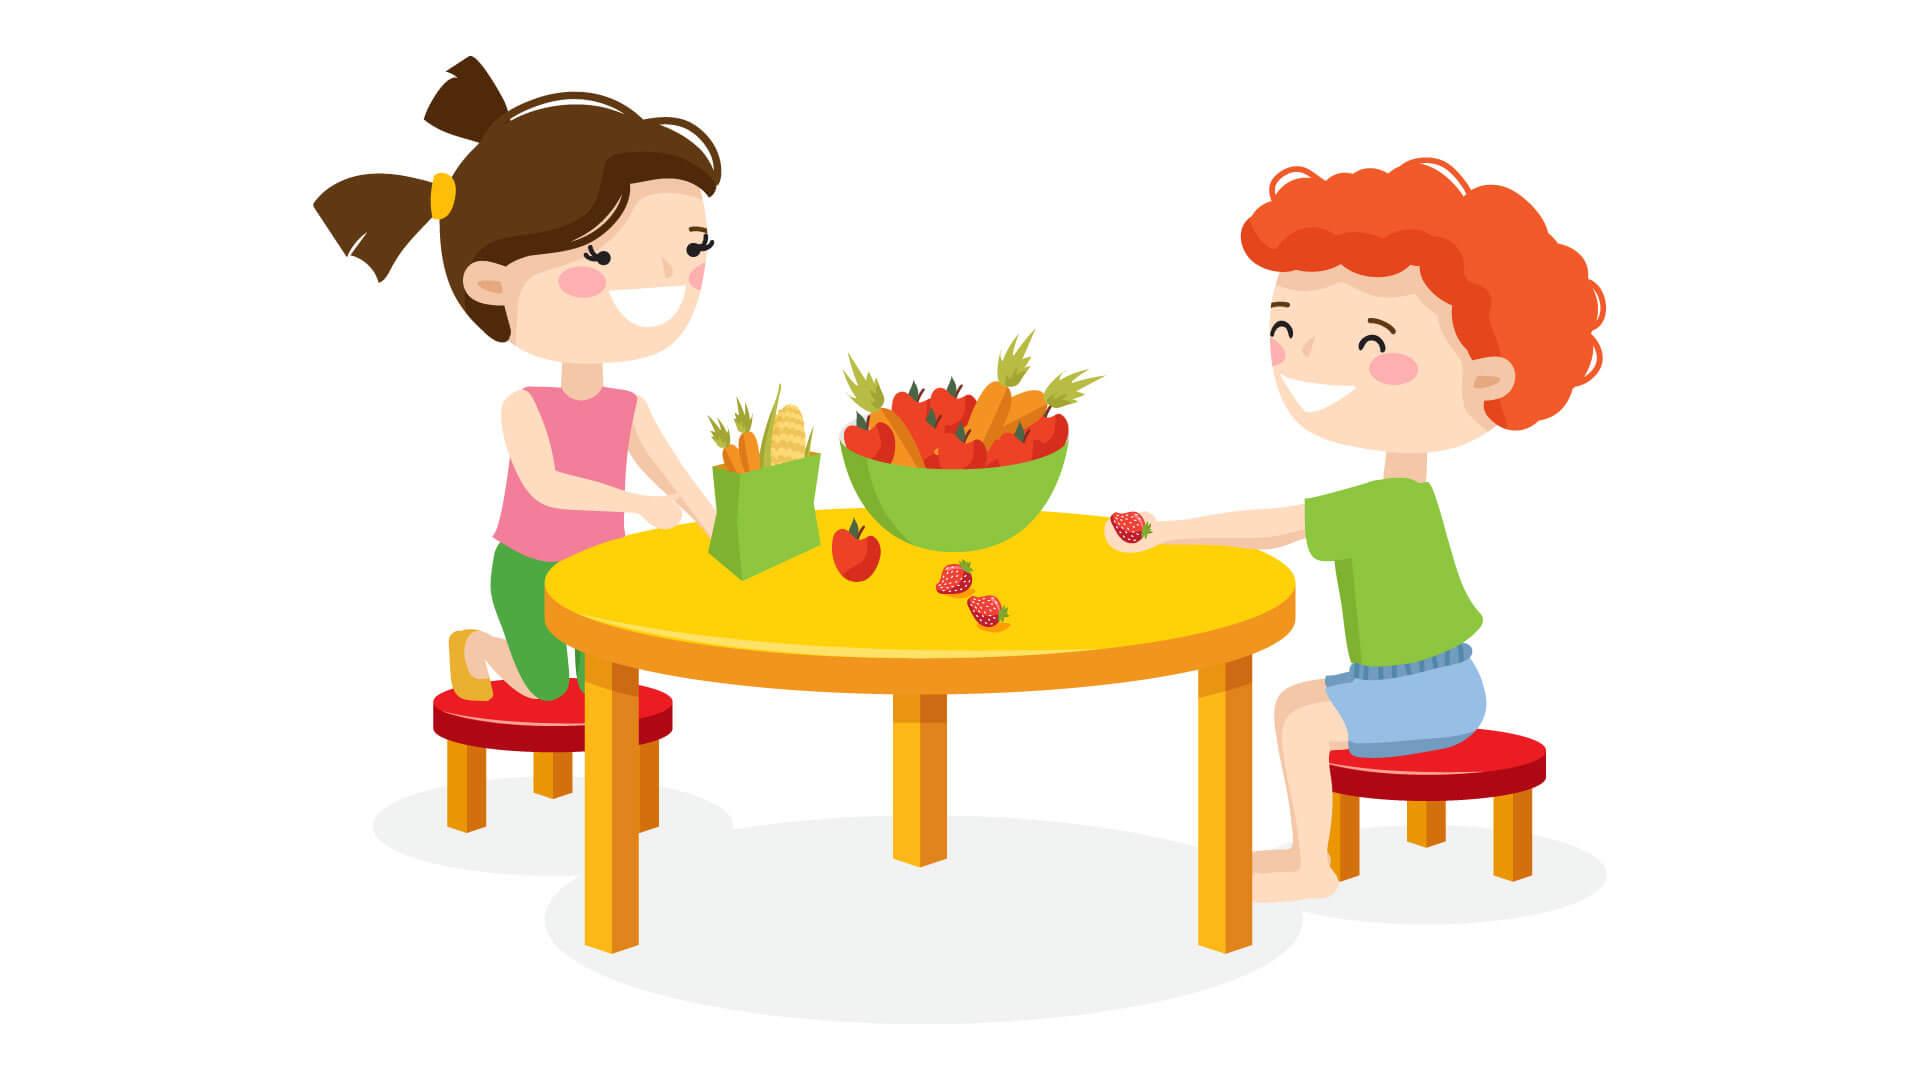 Jak kształtować prawidłowe nawyki żywieniowe u dzieci?